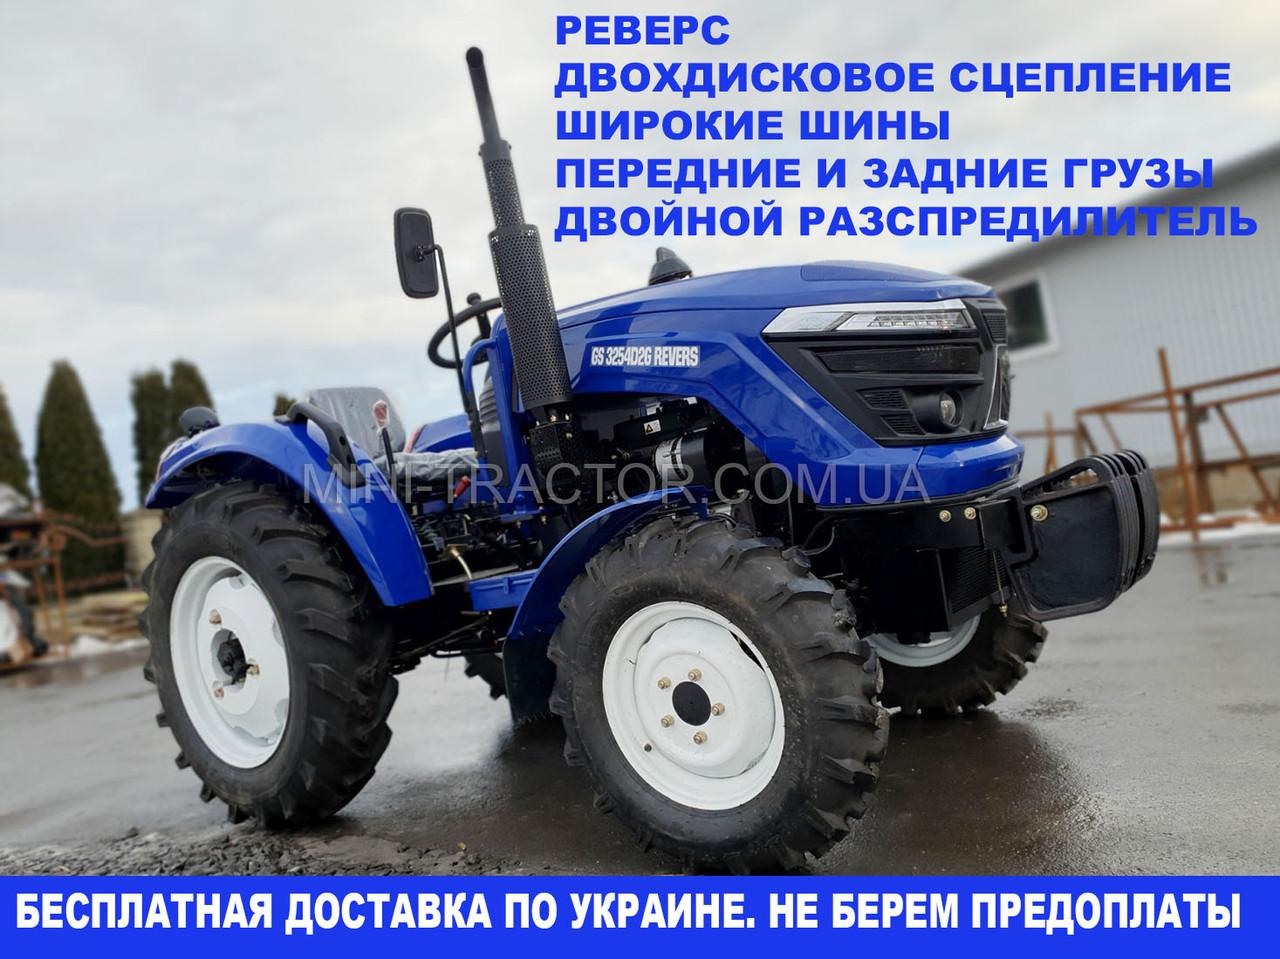 Трактор ГАРДЕН СТАР GS3254 DH2G с РЕВЕРСОМ, широкие шины, 4х4, блок колес, 25л.с, двухдисковое сцепление